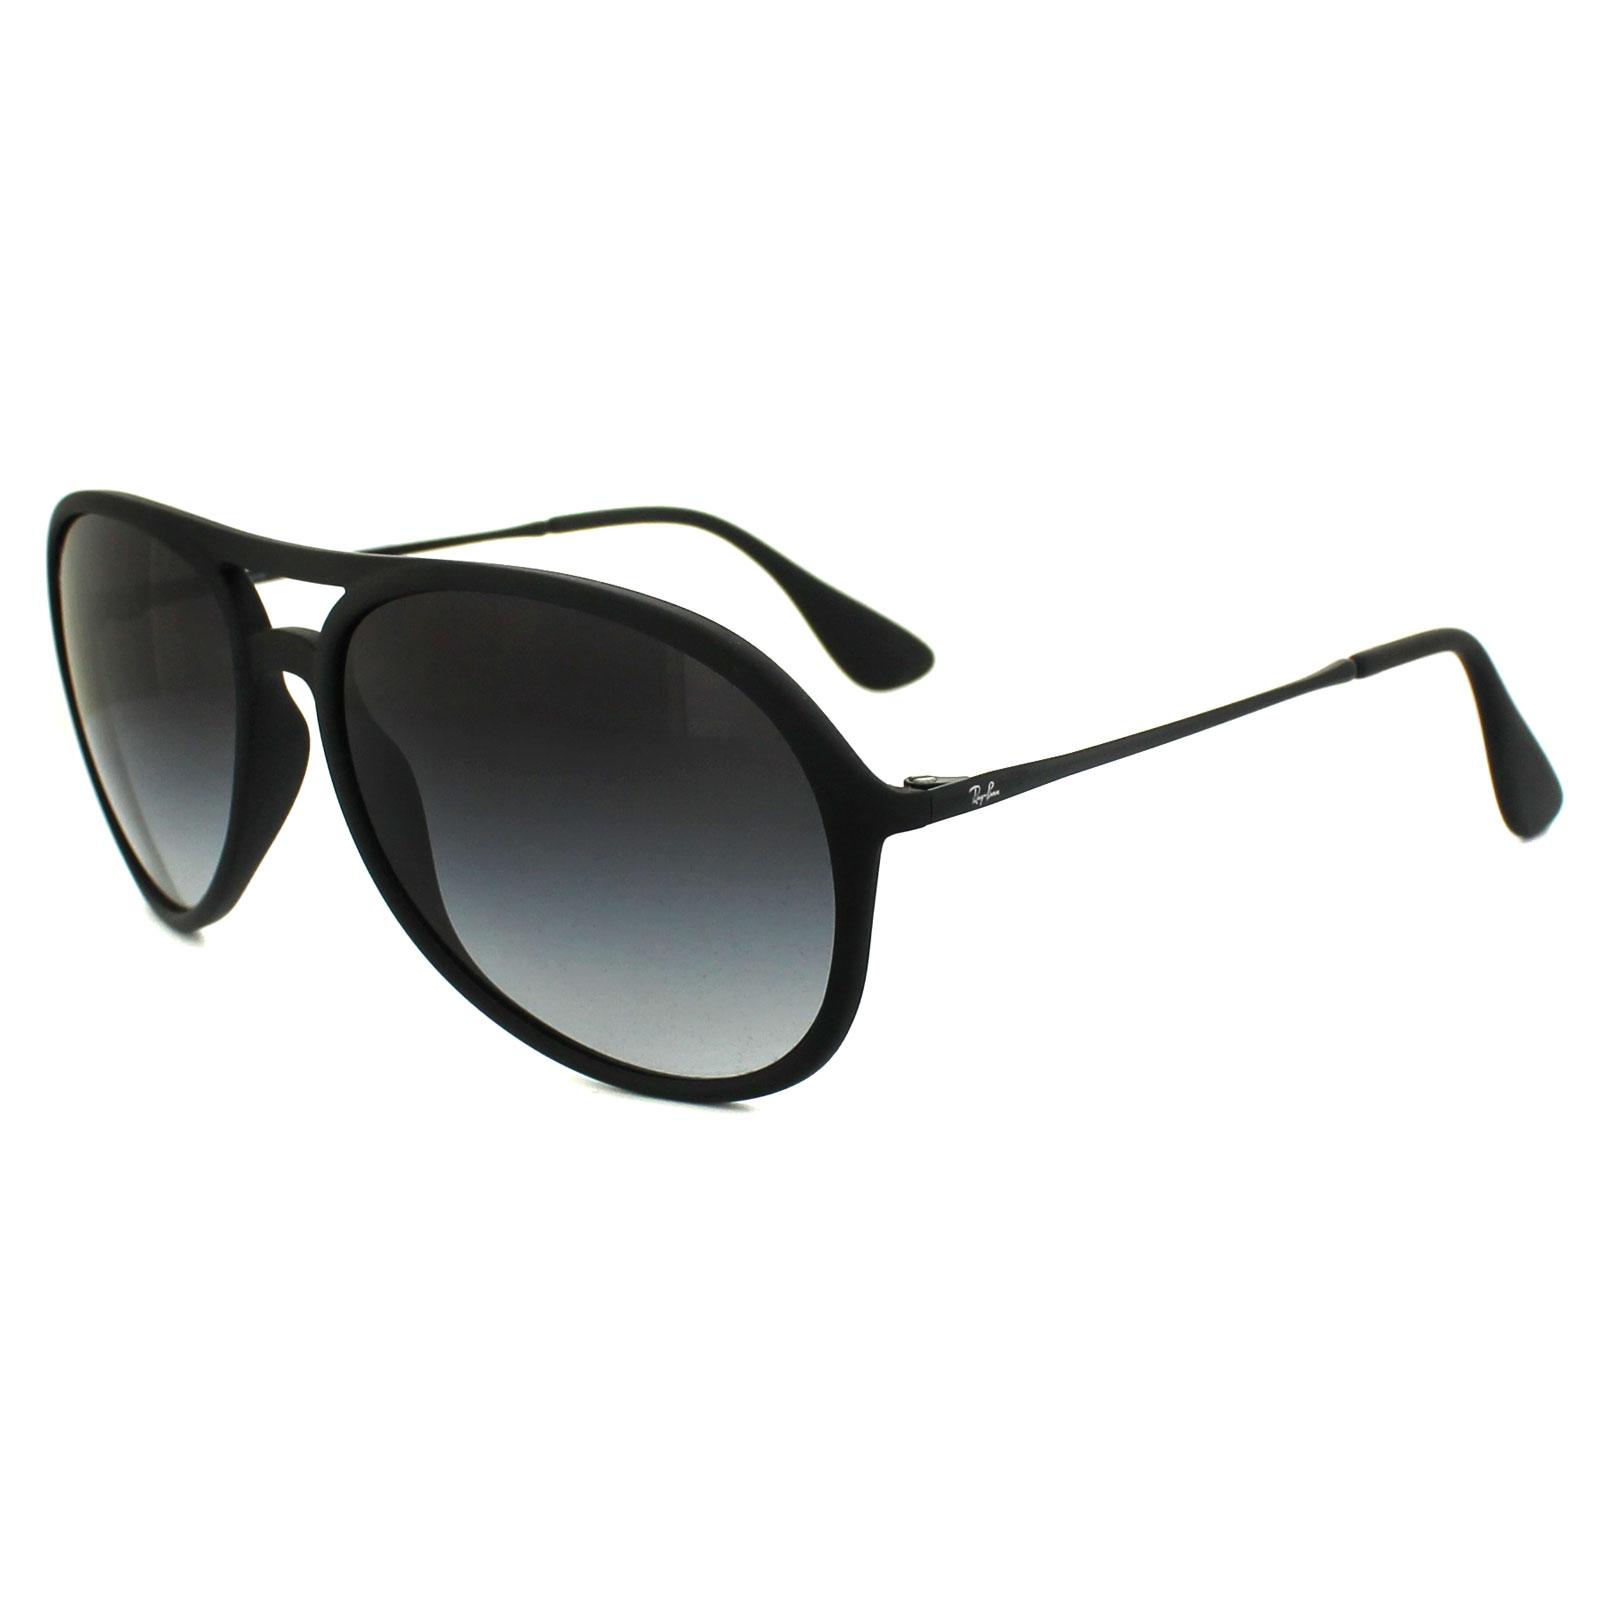 99461987485 Ray-ban Rb8903 Mens Glasses - Grey